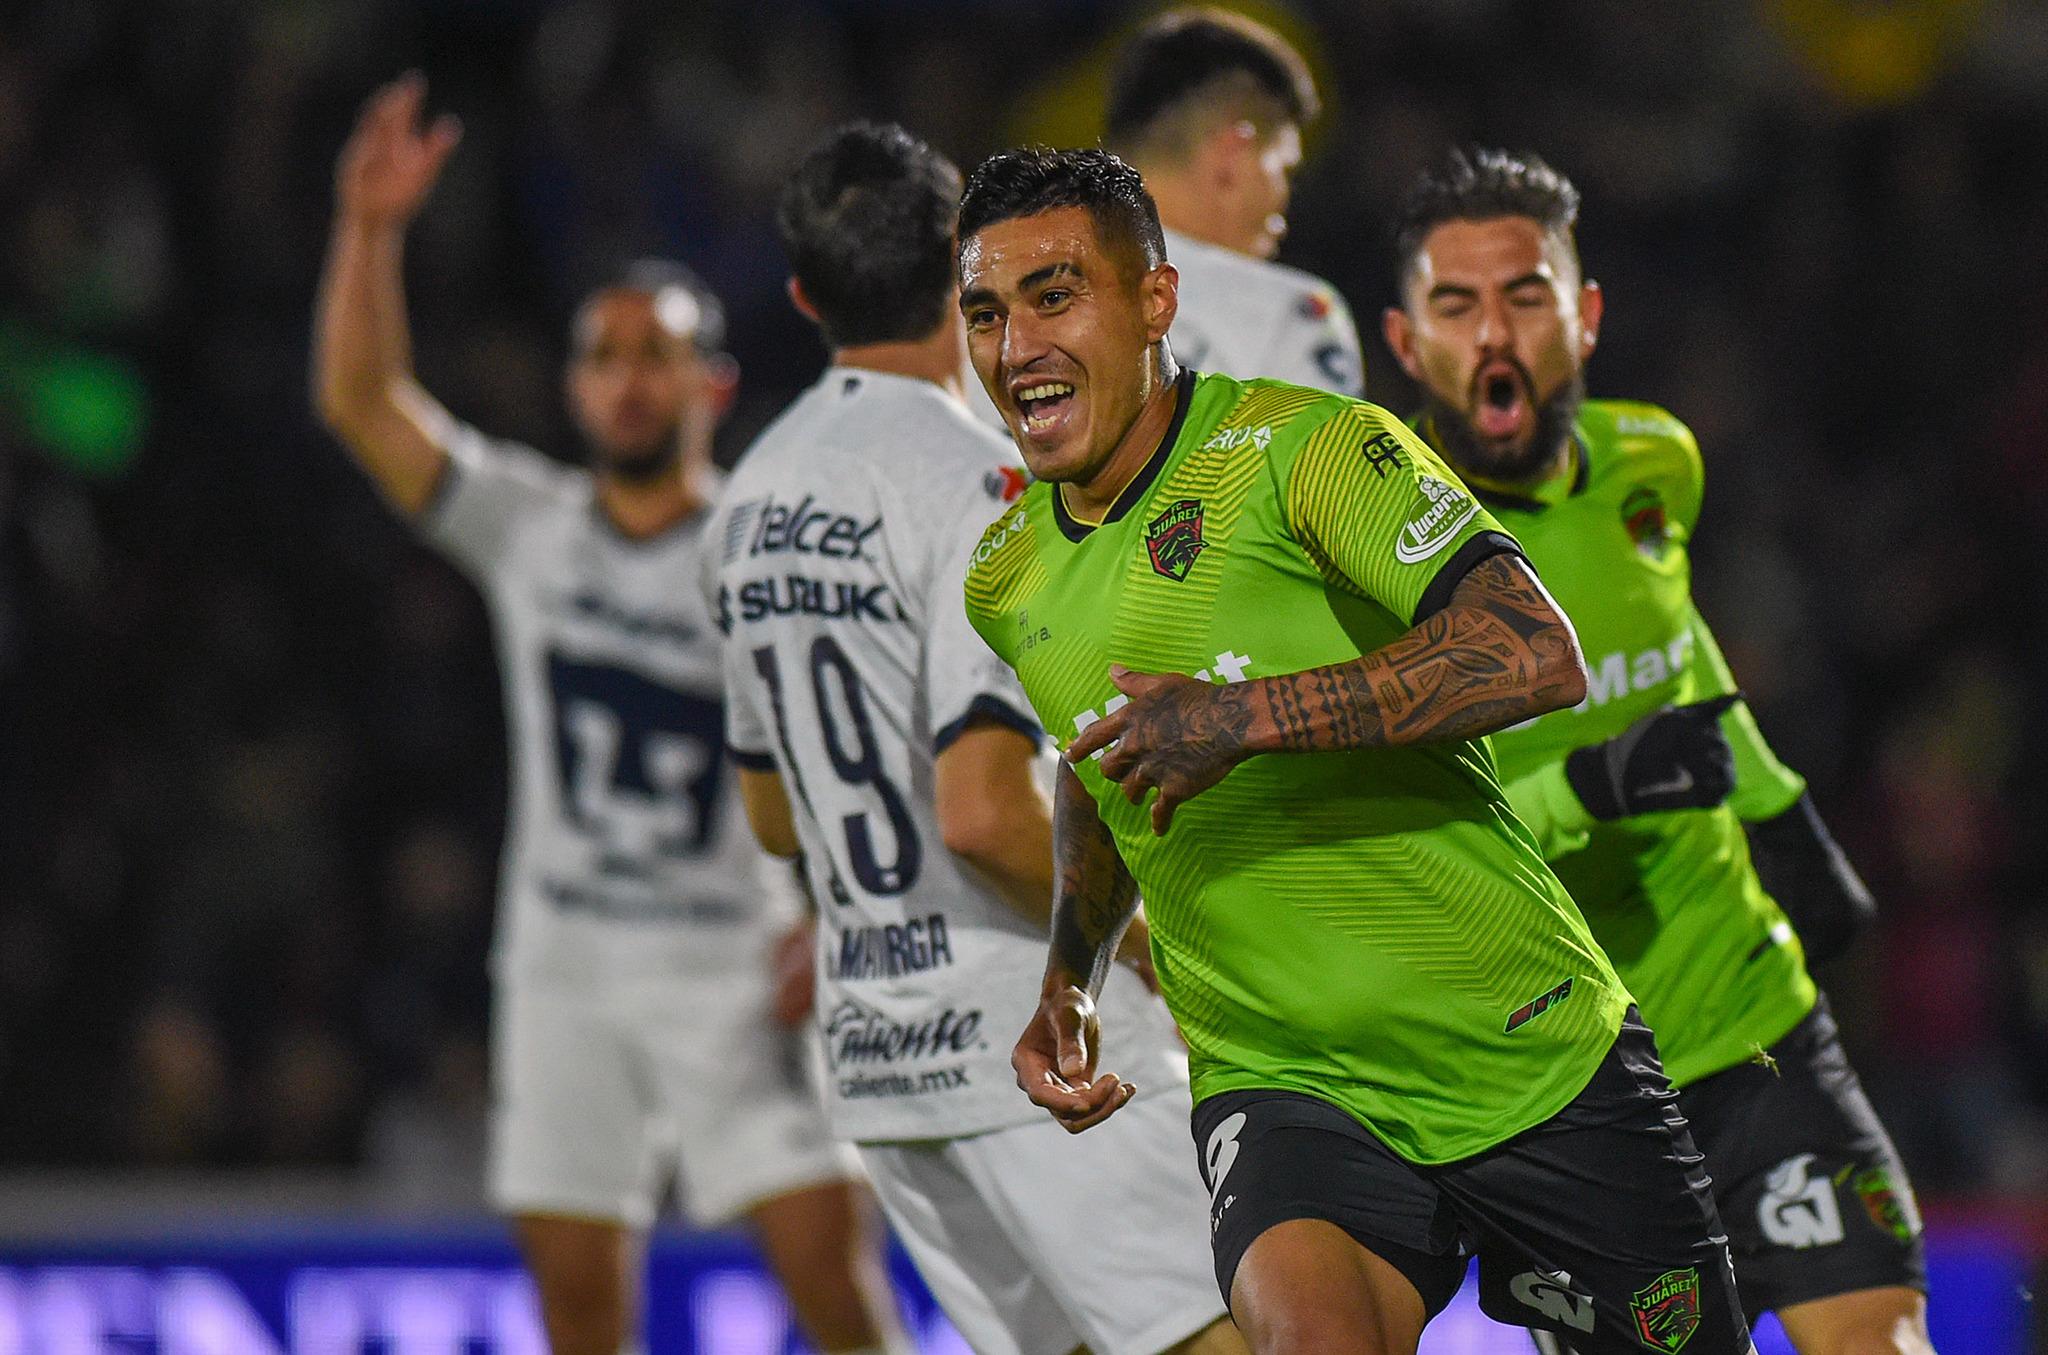 Rebaja Listo cemento  FC Juárez vs Pumas: Pumas deja ir la victoria ante los Bravos de Juárez    MARCA Claro México